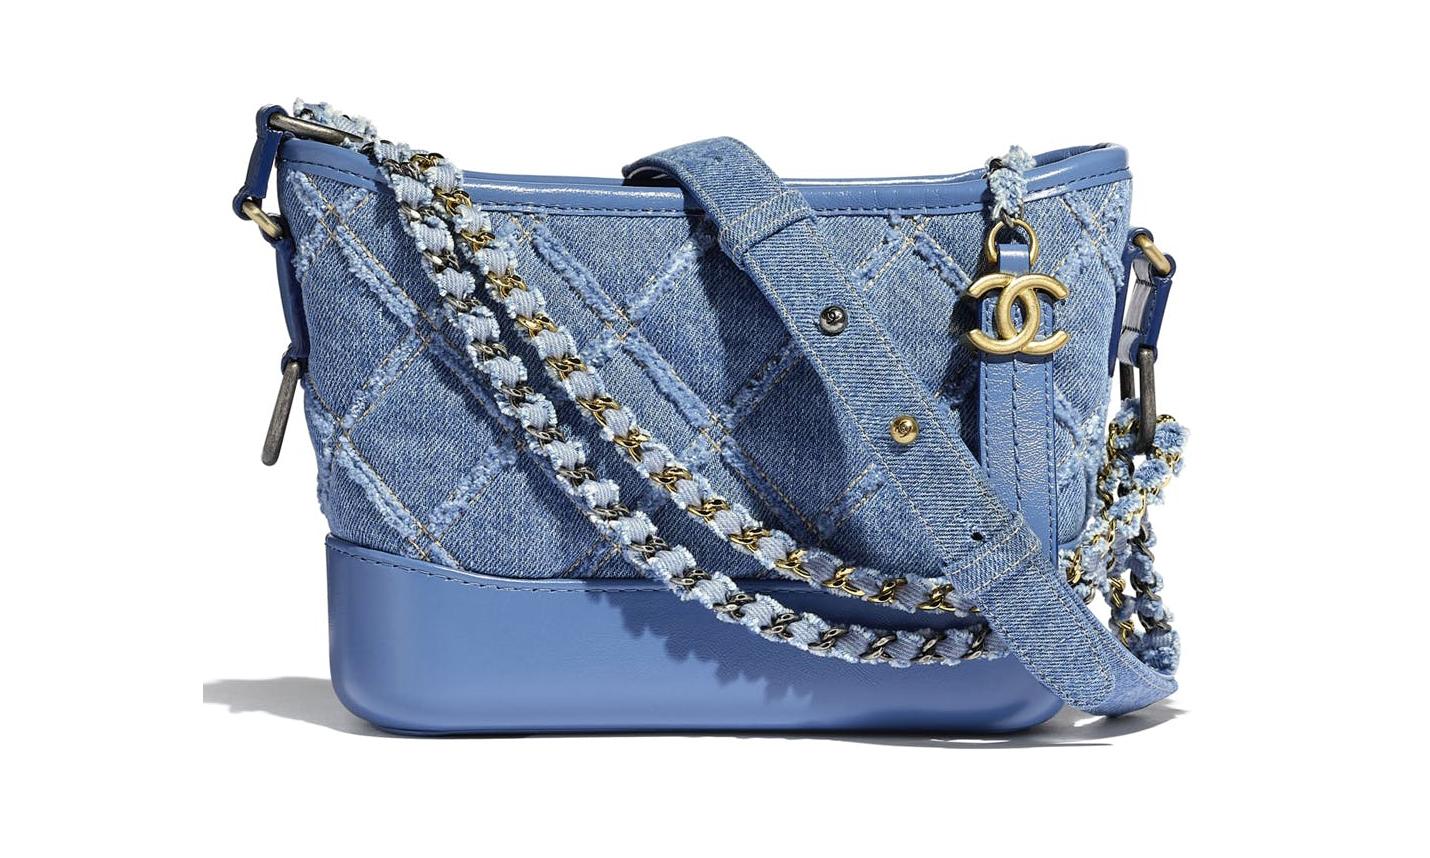 2020 春夏新款,Chanel 推出牛仔布面料的 Gabrielle Hobo 手袋